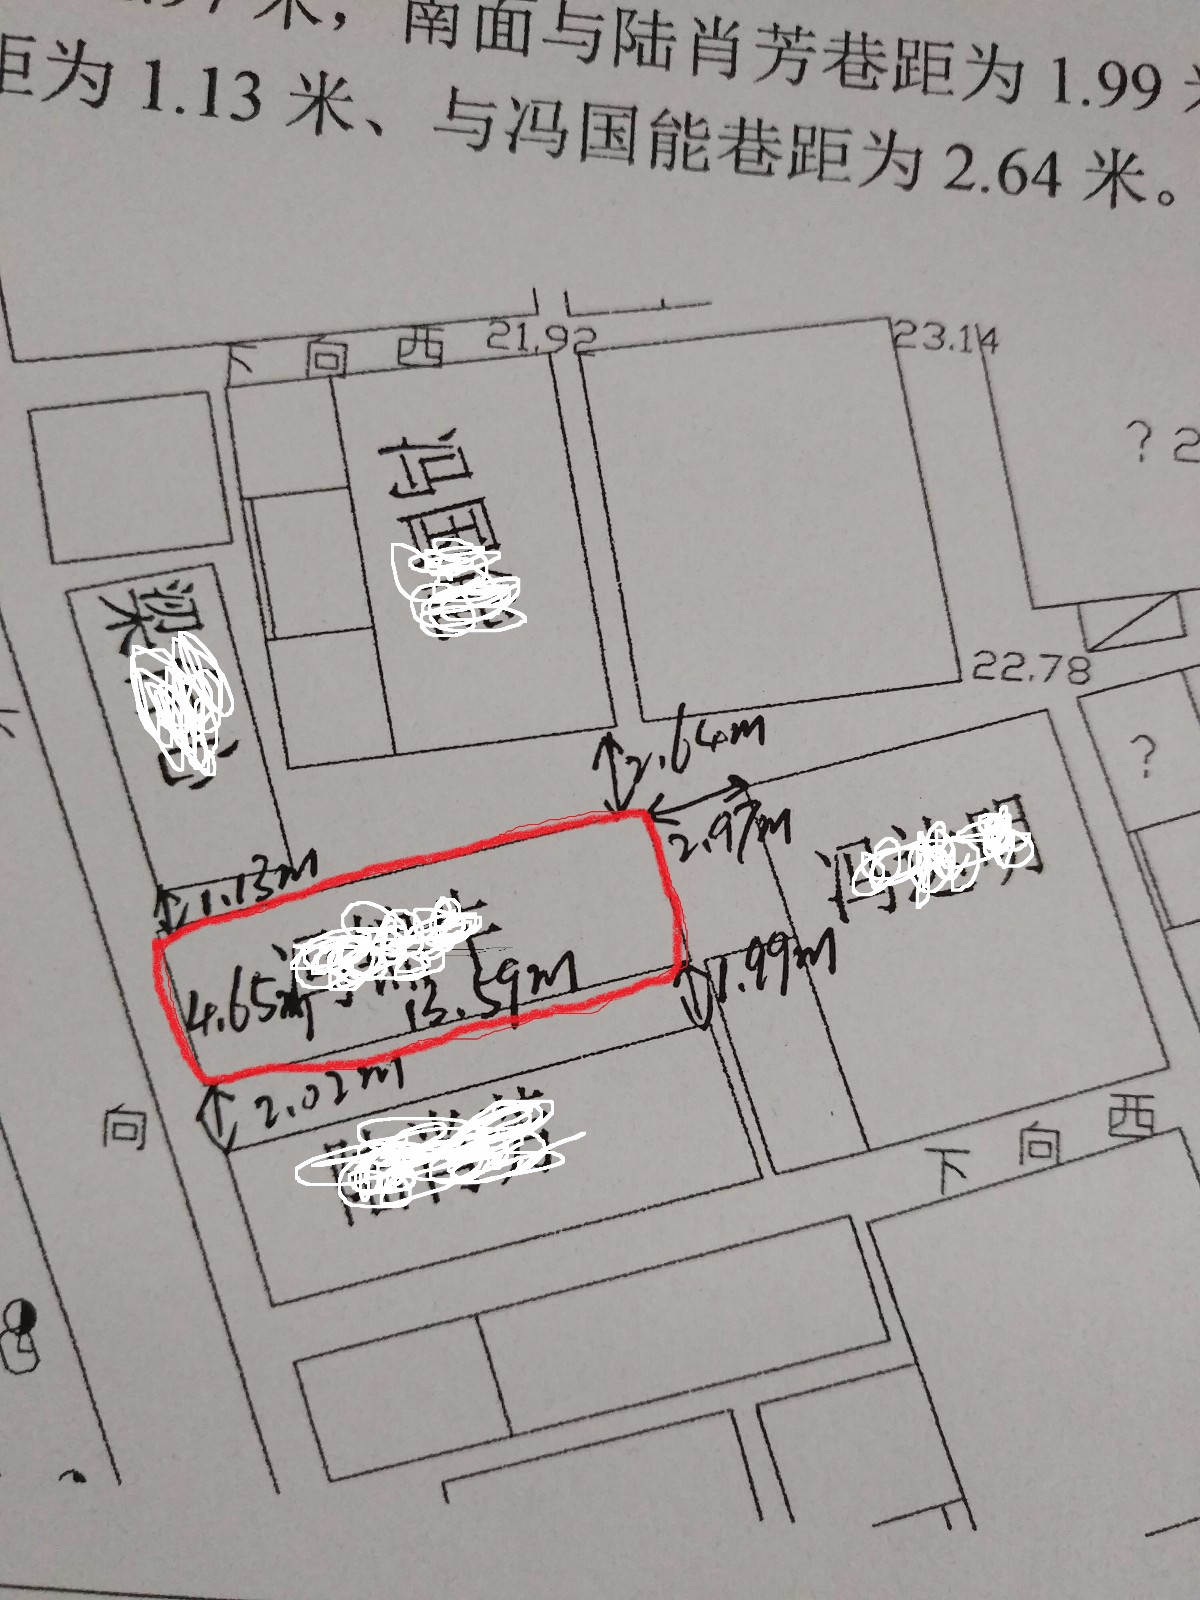 4.5米宽13.5米长自建房设计